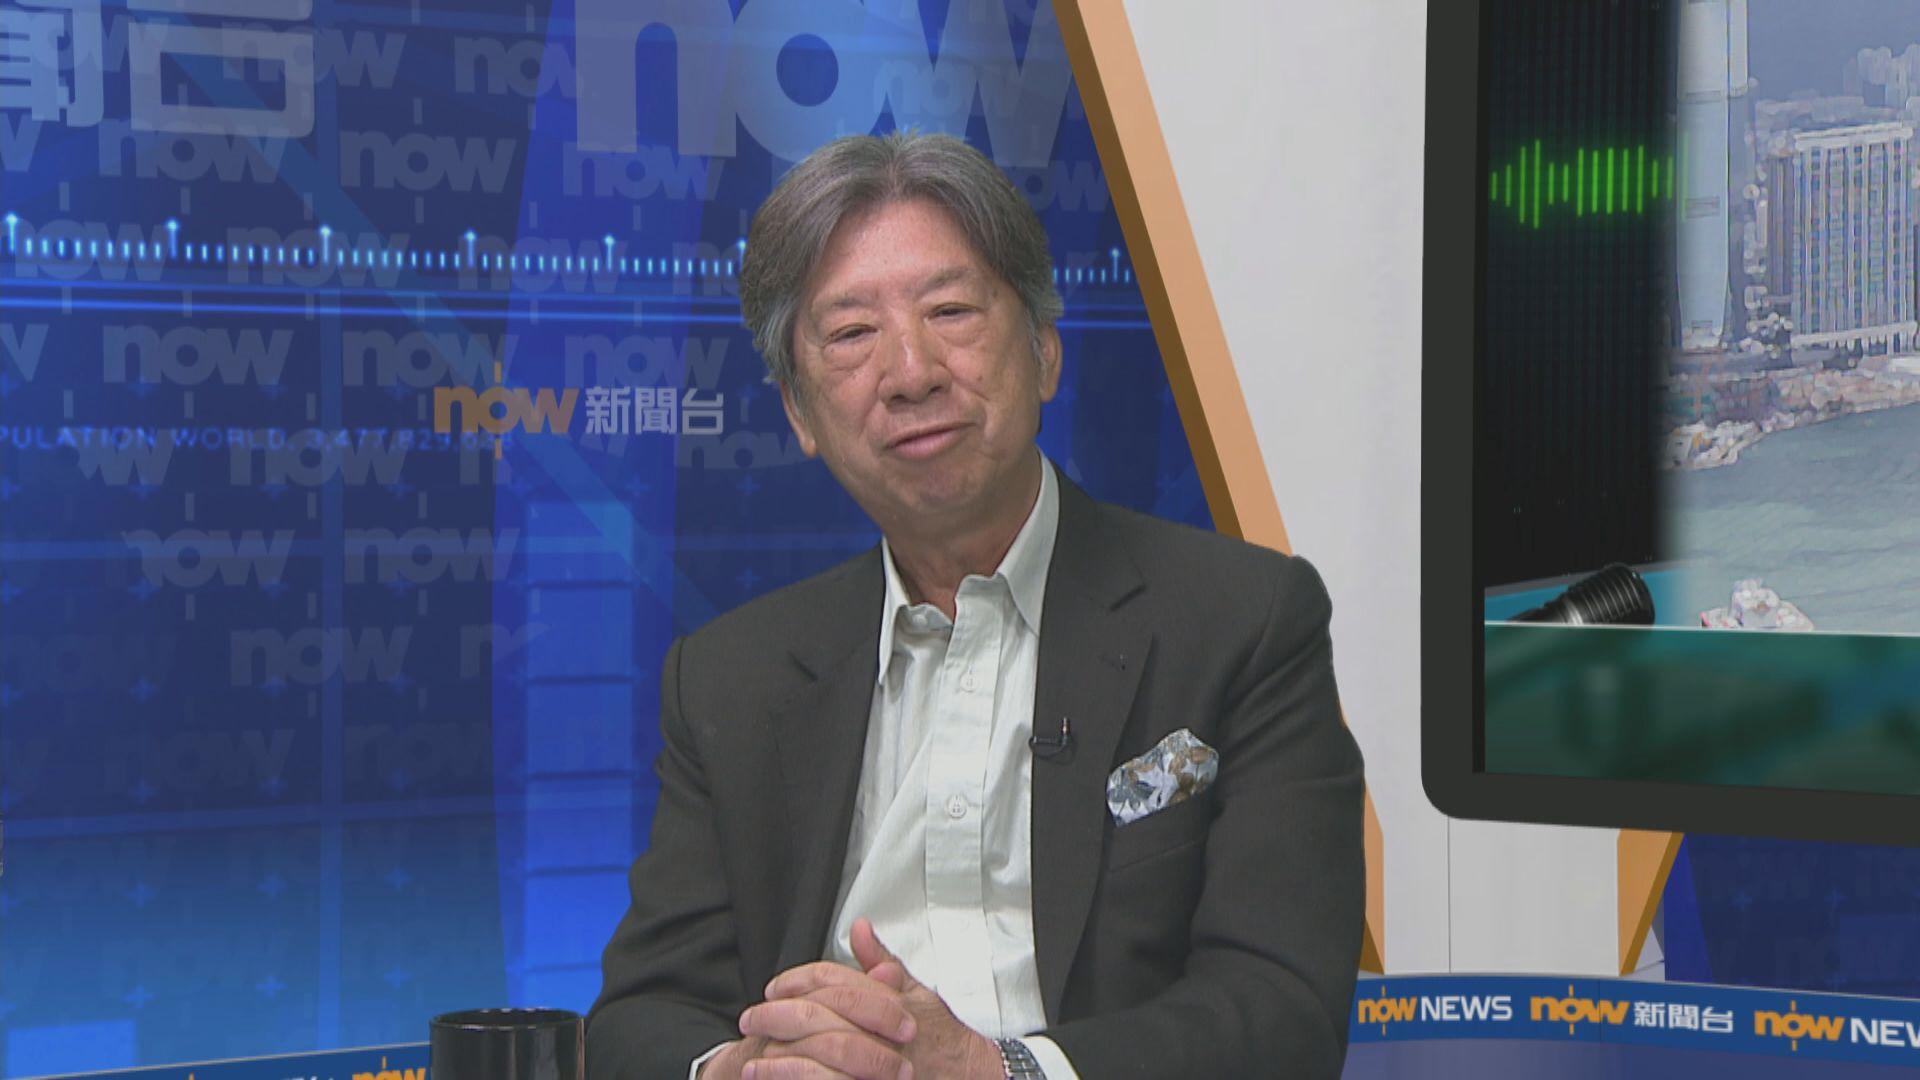 湯家驊:禁蒙面法裁決反映社會利益較個人權利重要